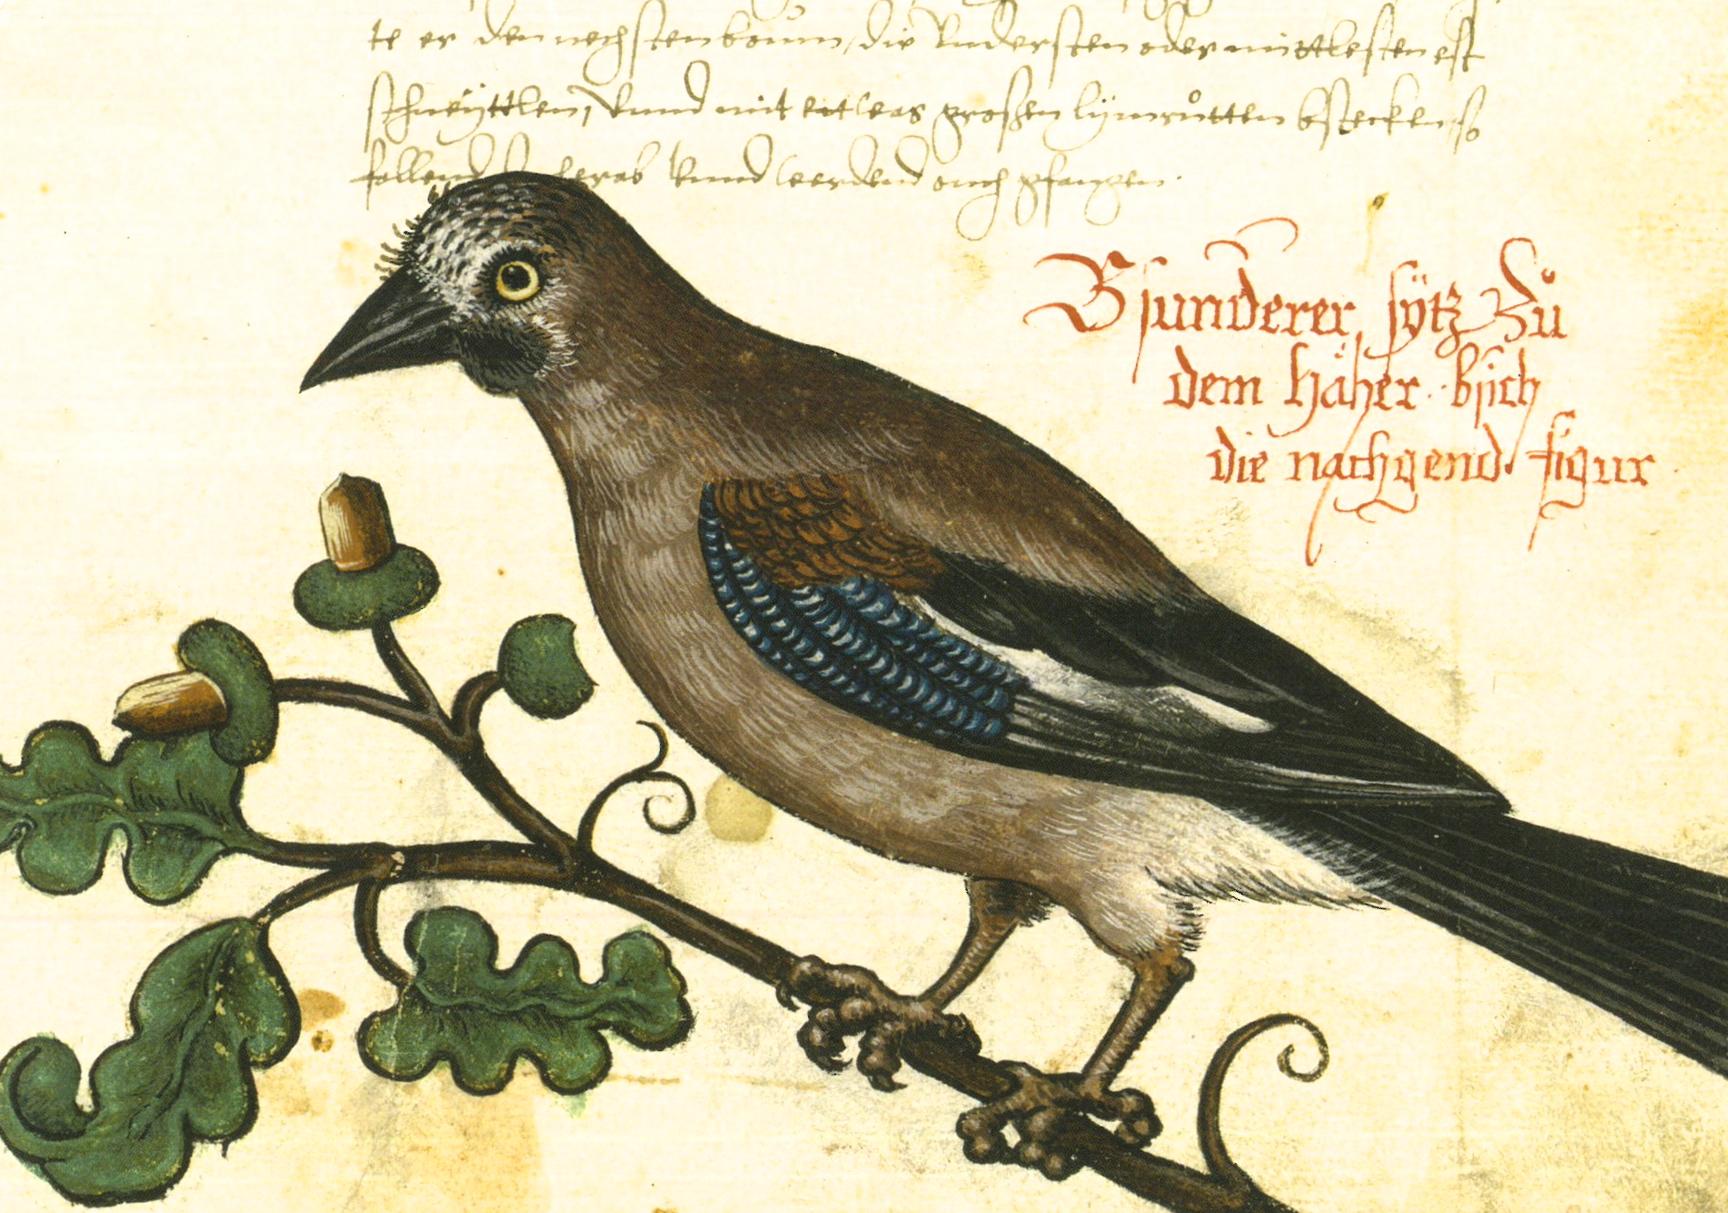 vogelbuch online dating